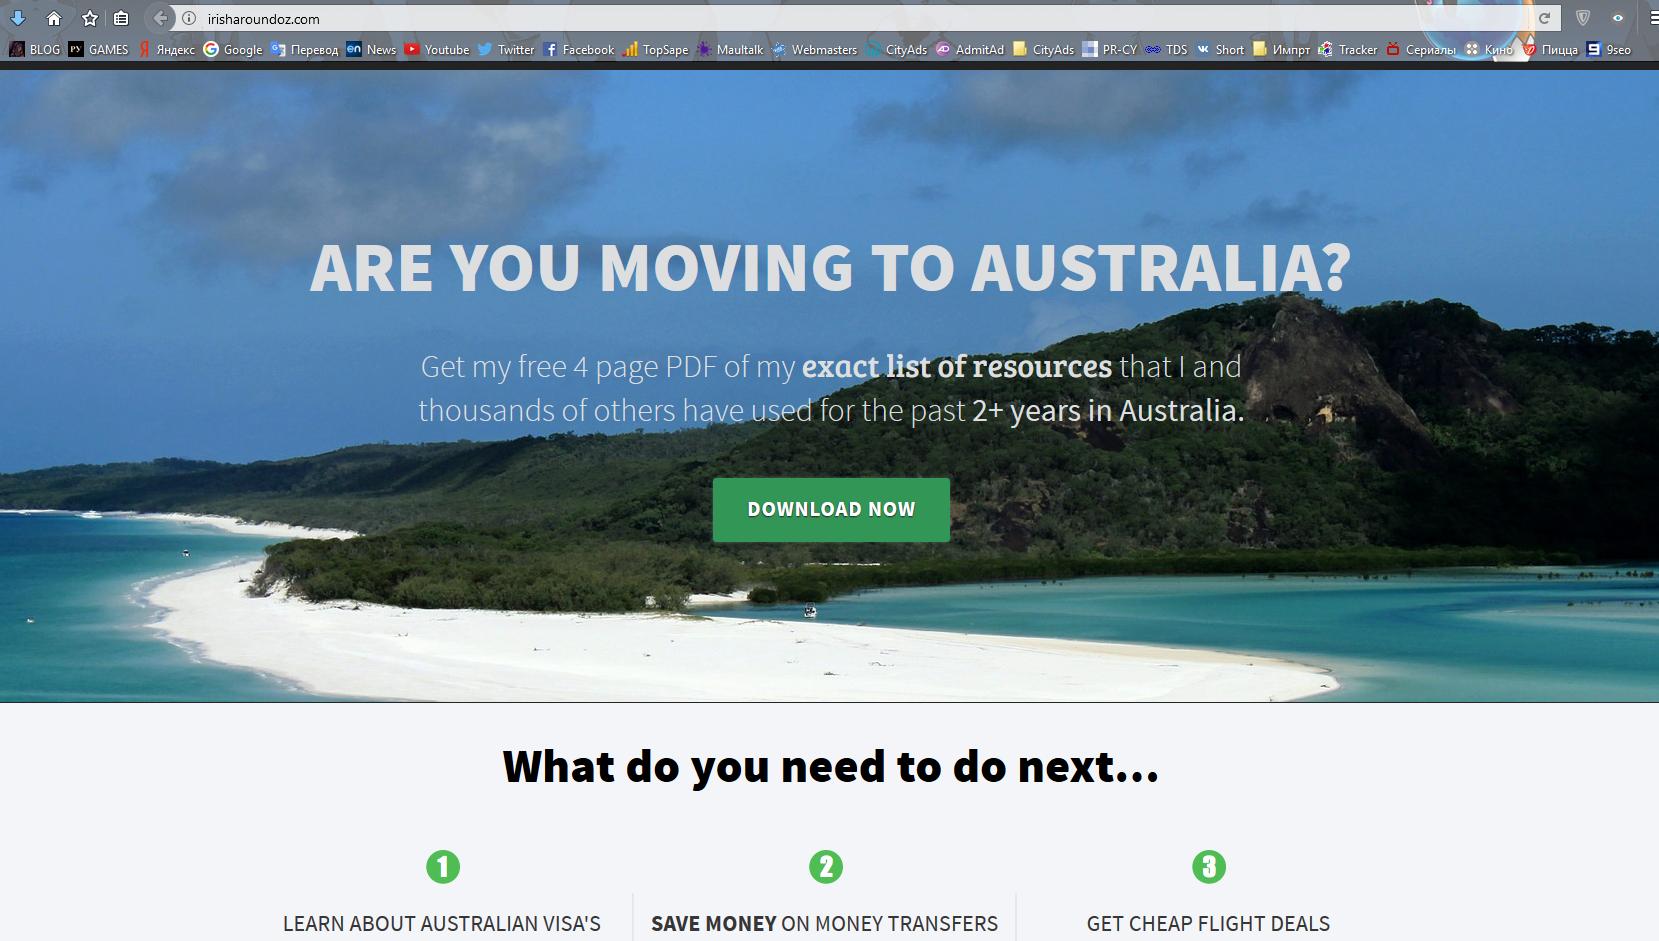 Ирландец зарабатывает $10 000 в месяц, рассказывая в блоге про Австралию